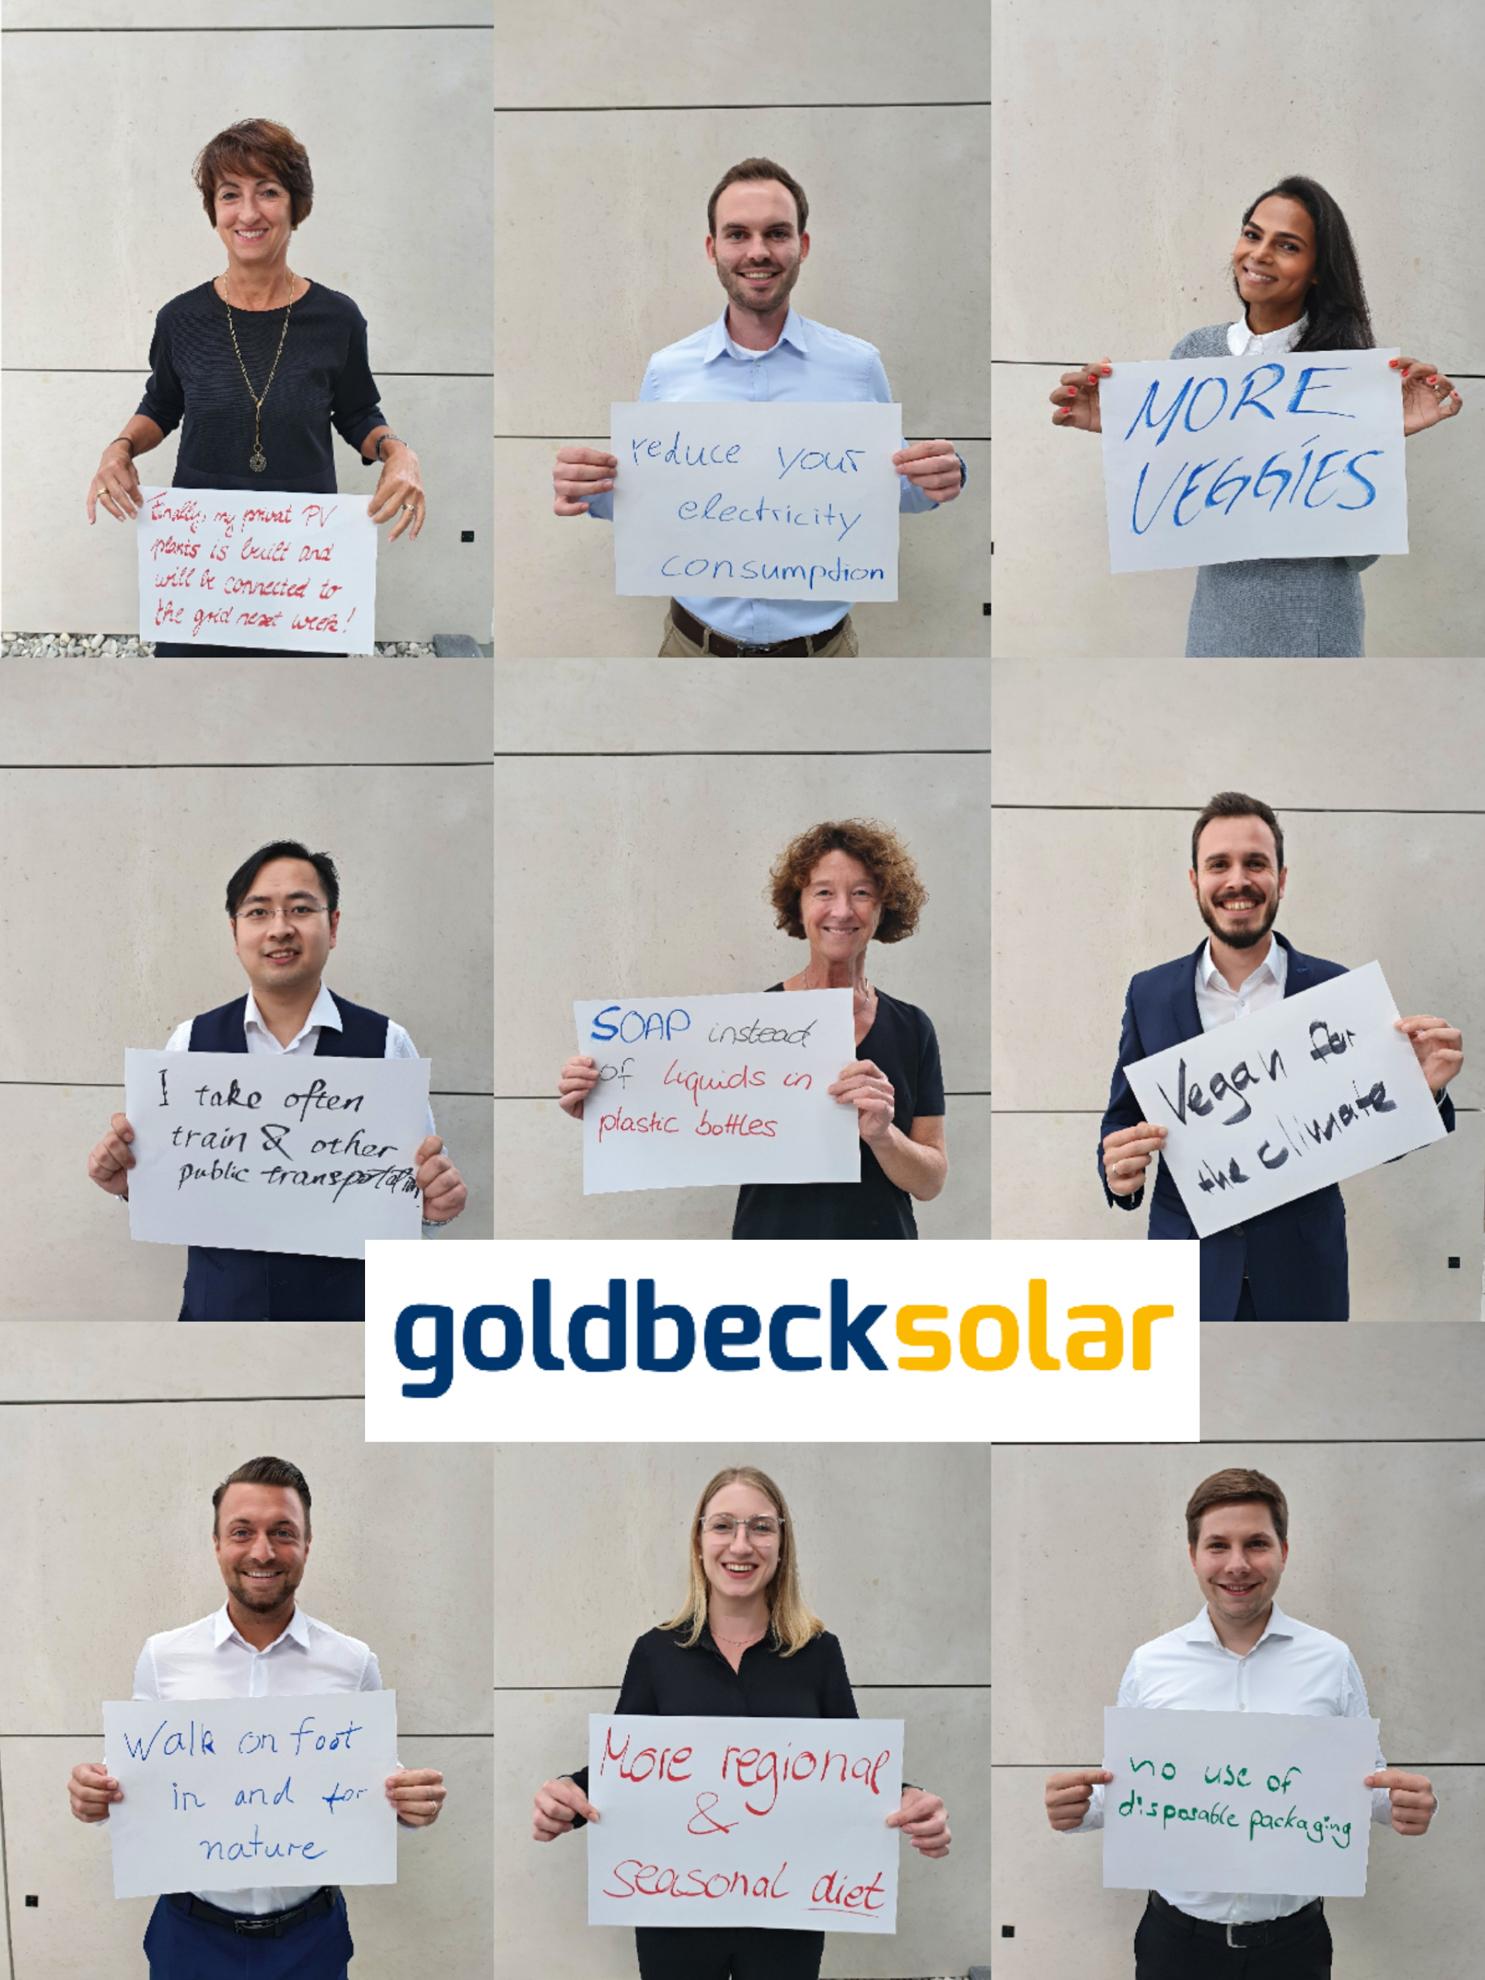 Mitarbeiter von Goldbeck Solar positionieren sich zur Nachhaltigkeit